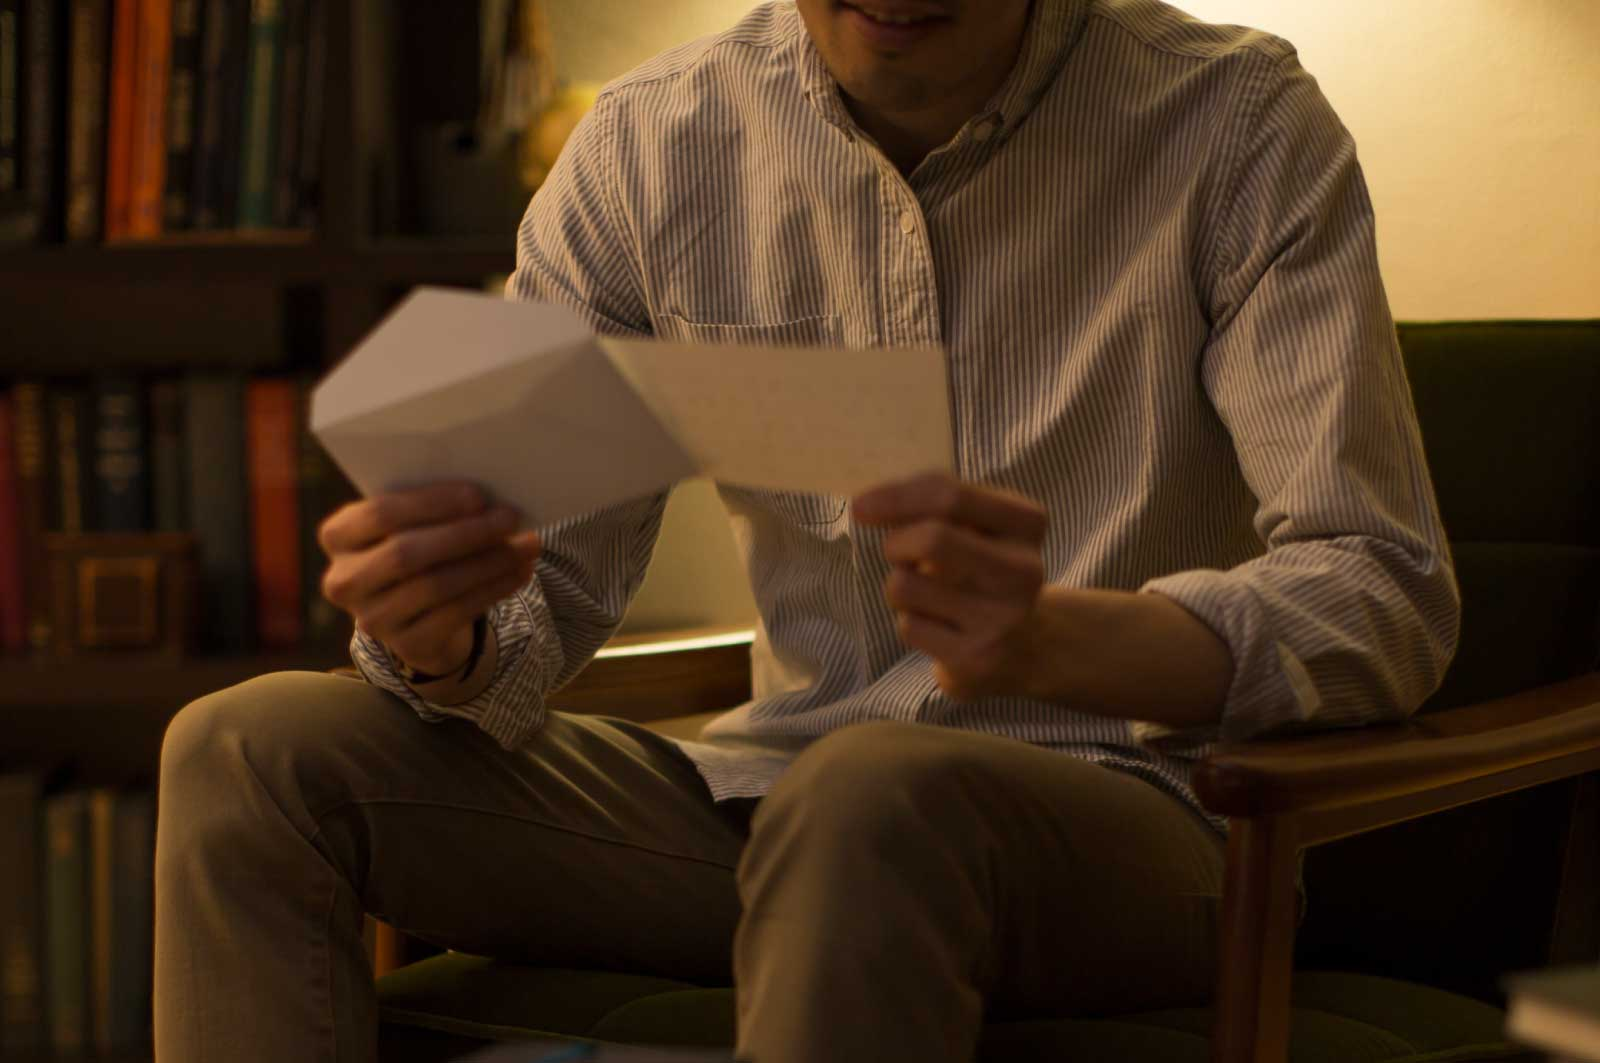 娘からの手紙を読む父親